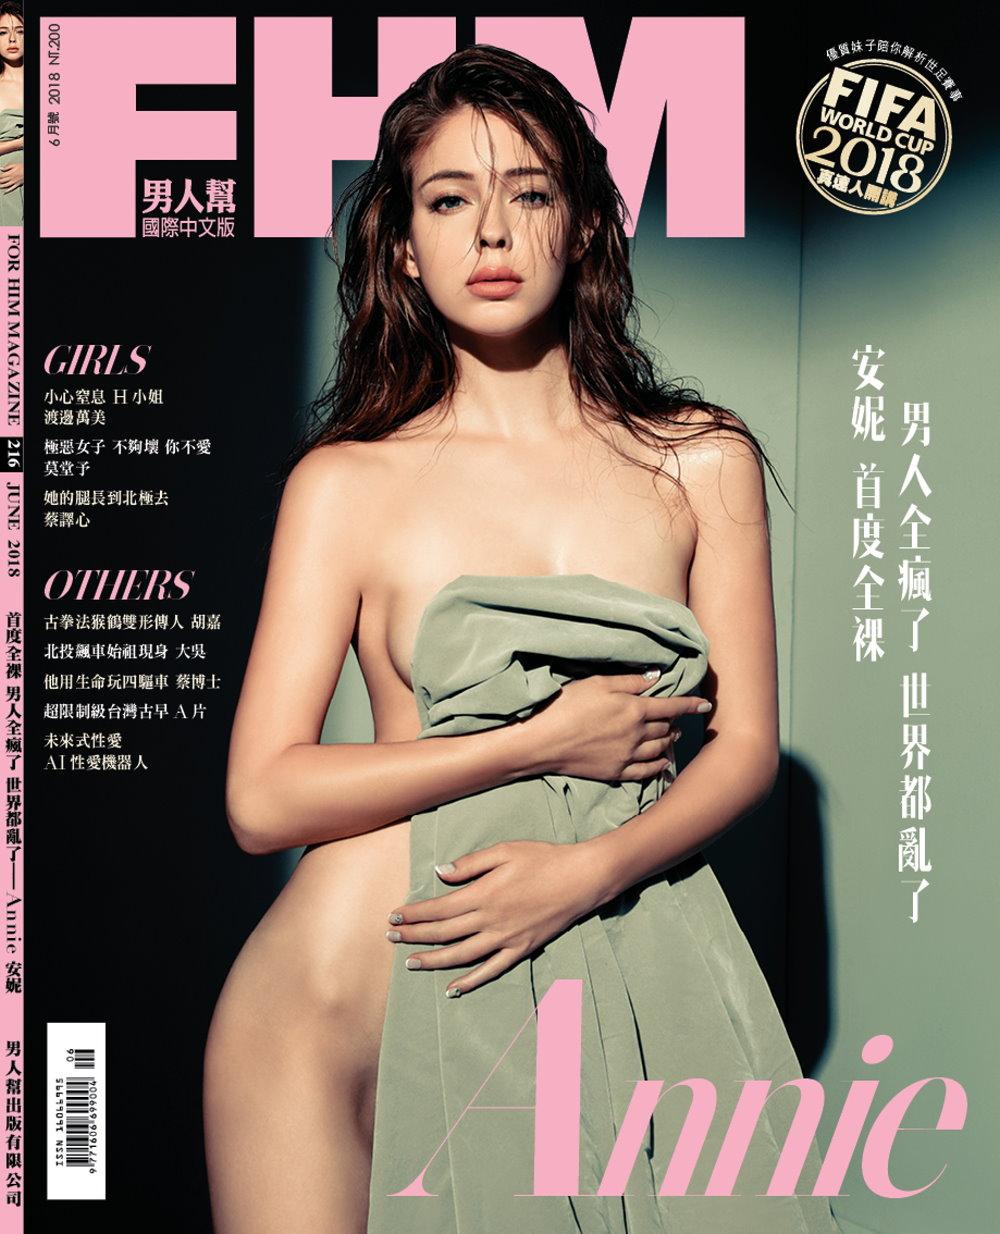 FHM 男人幫國際中文版 6月號/2018 第216期